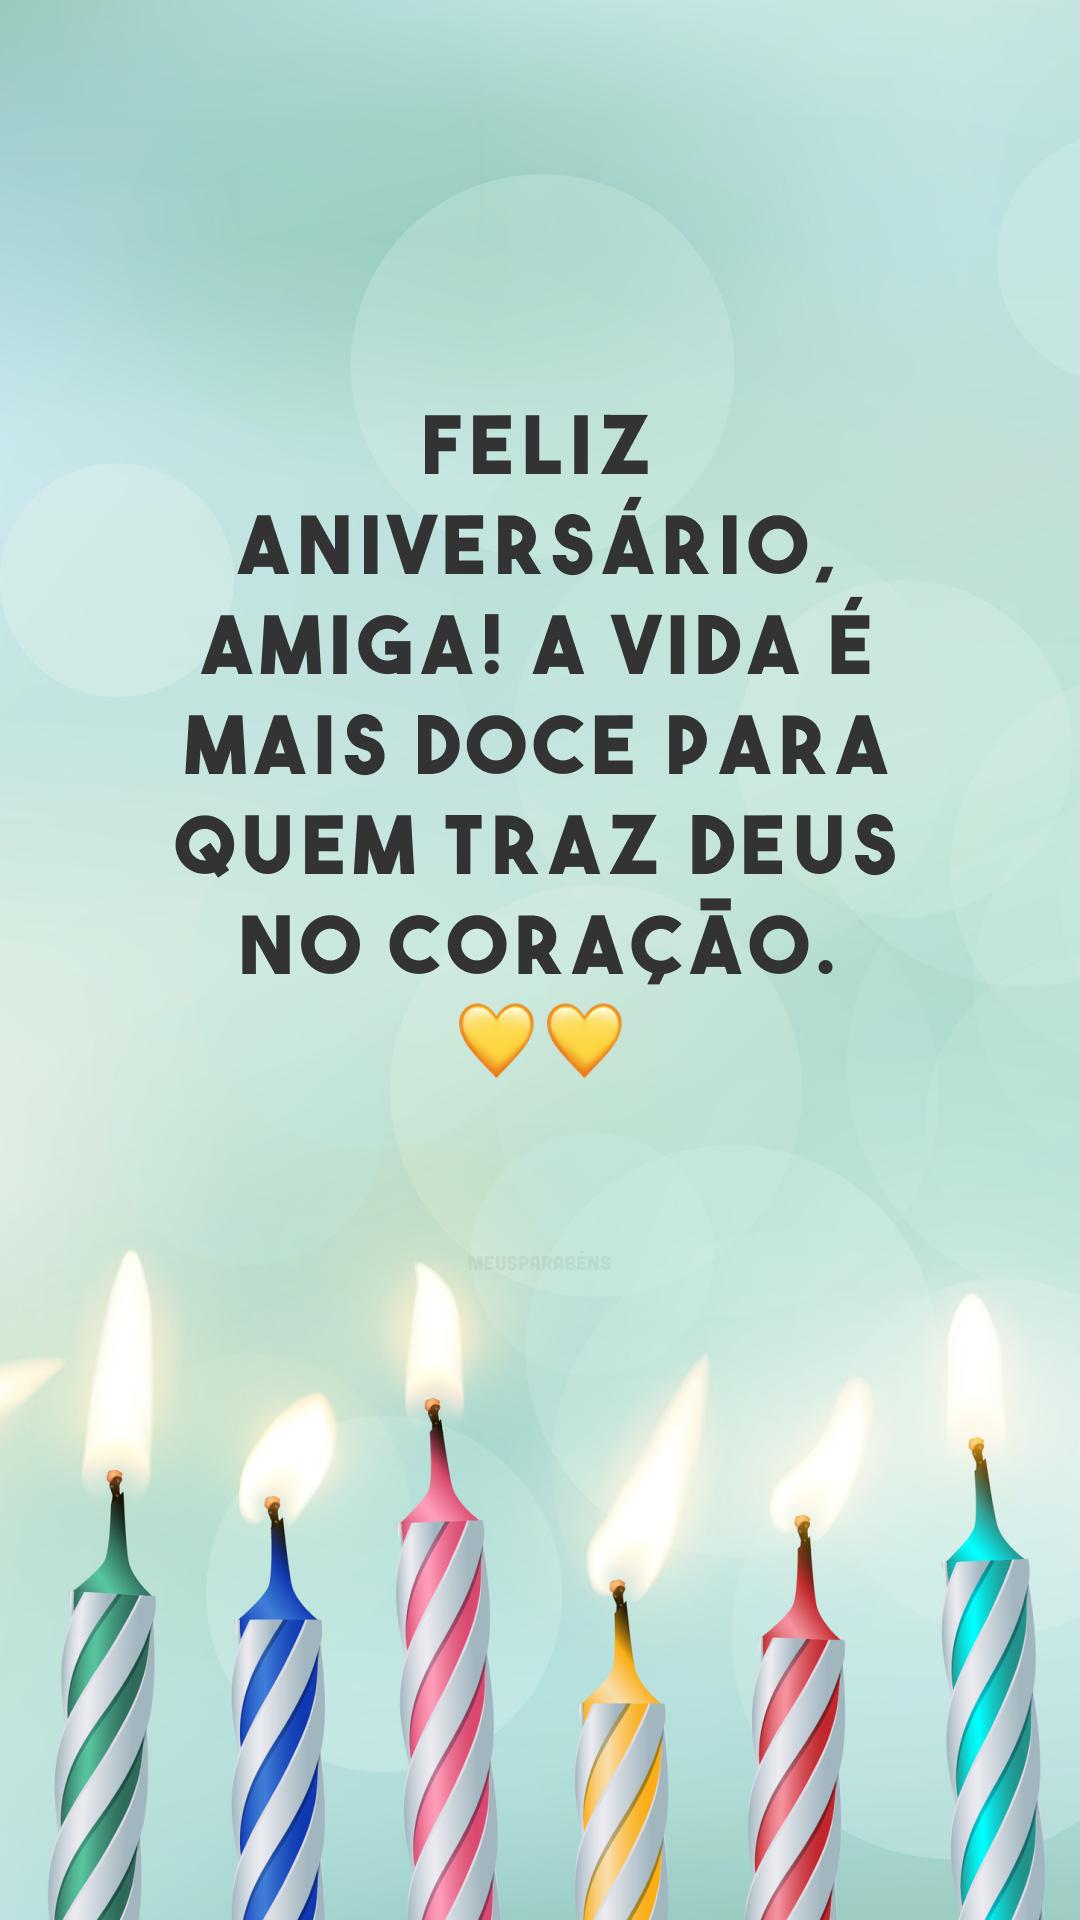 Feliz aniversário, amiga! A vida é mais doce para quem traz Deus no coração. ??